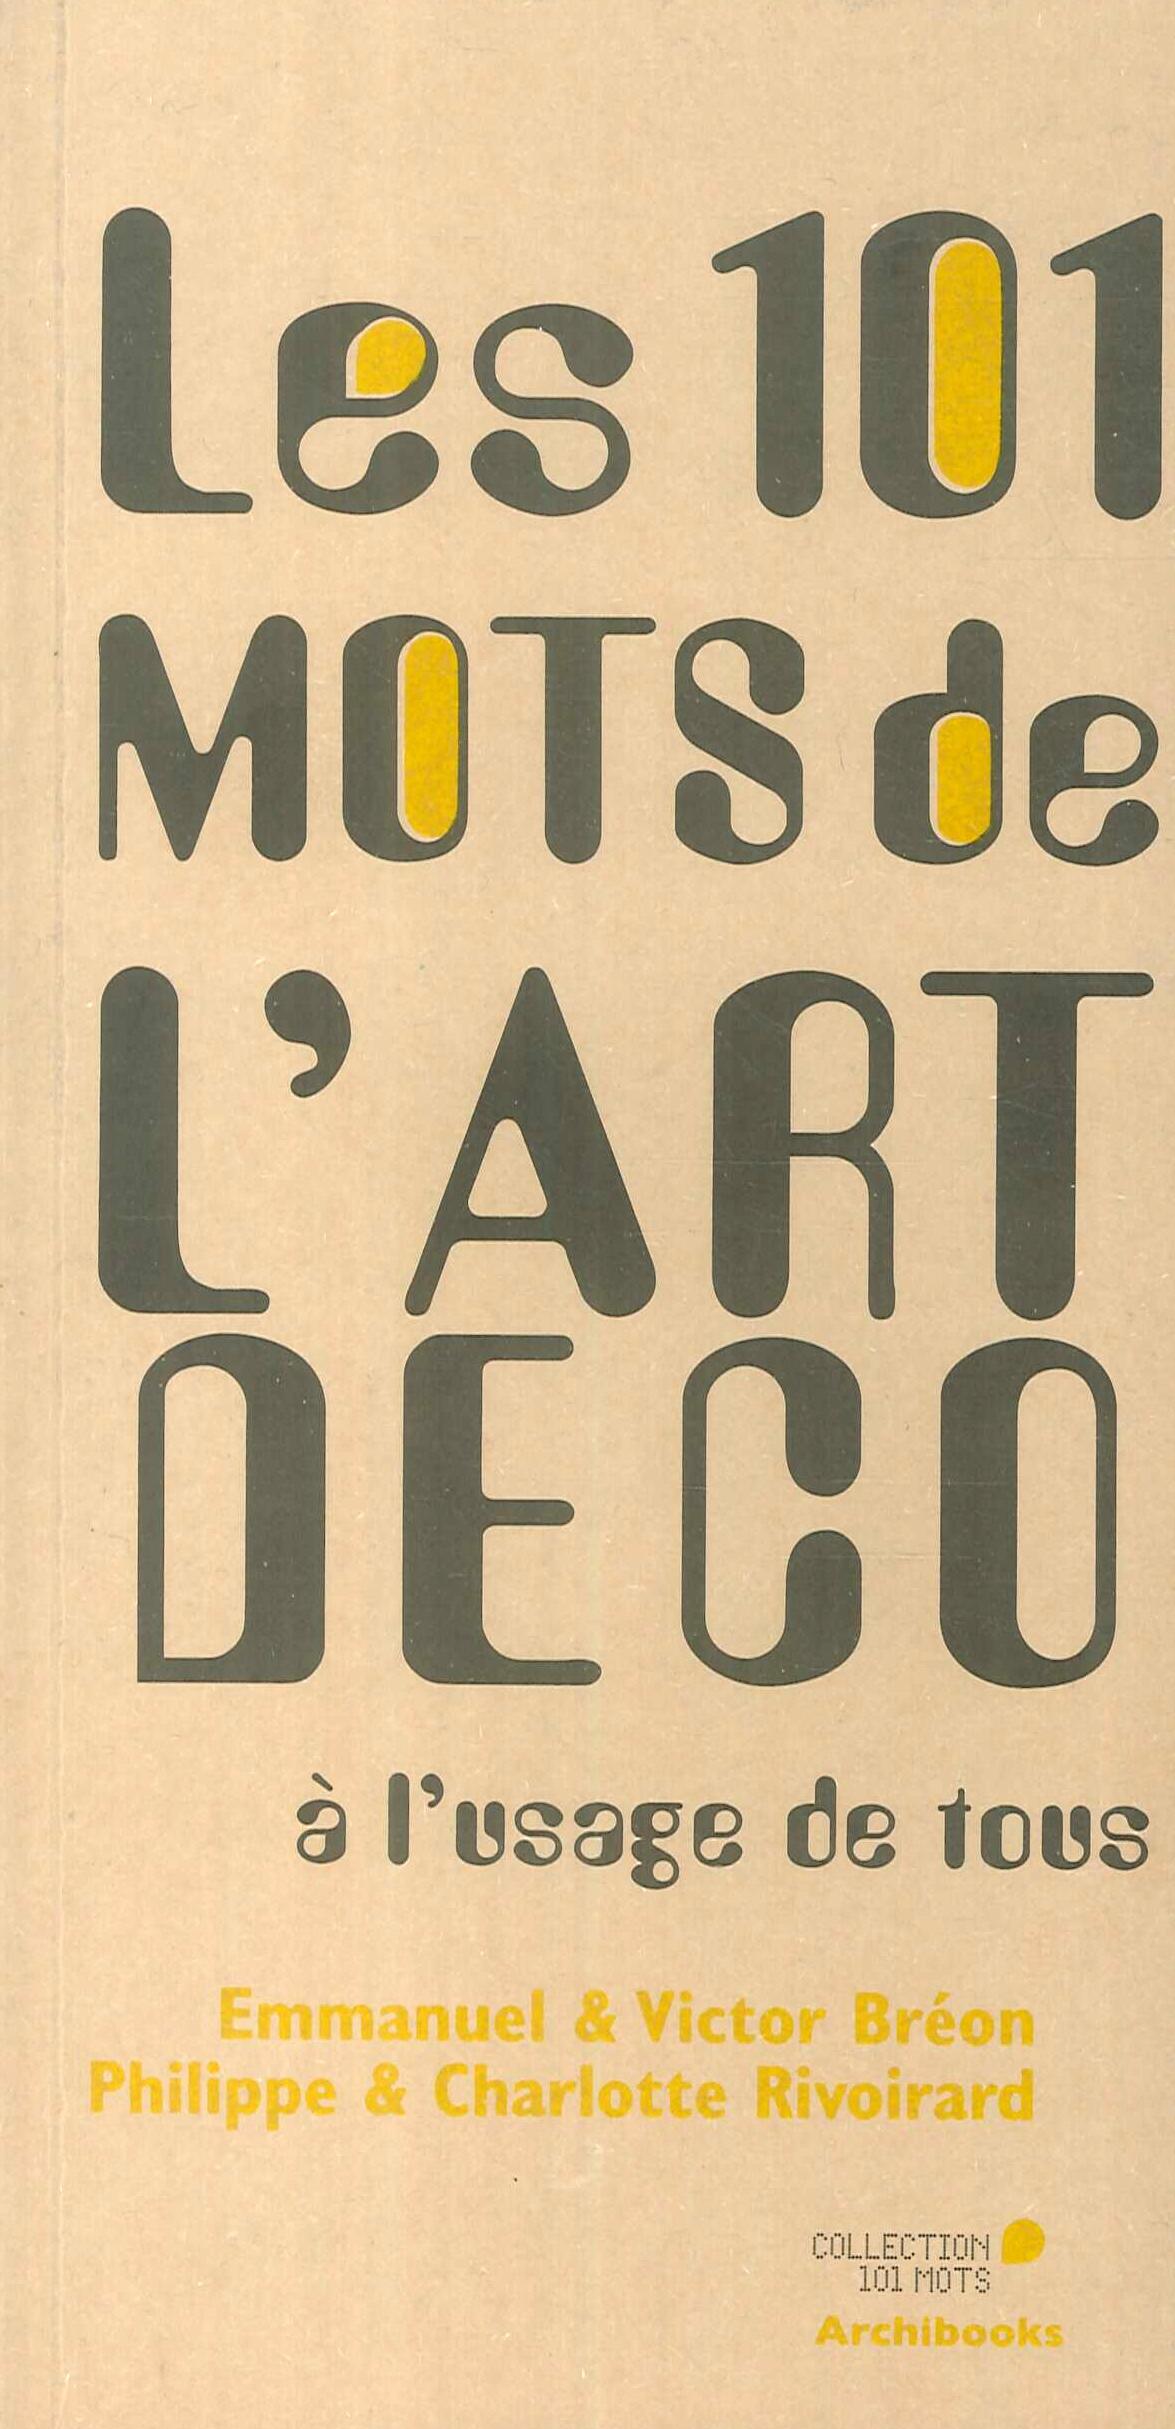 Les 101 Mots De l'Art Deco